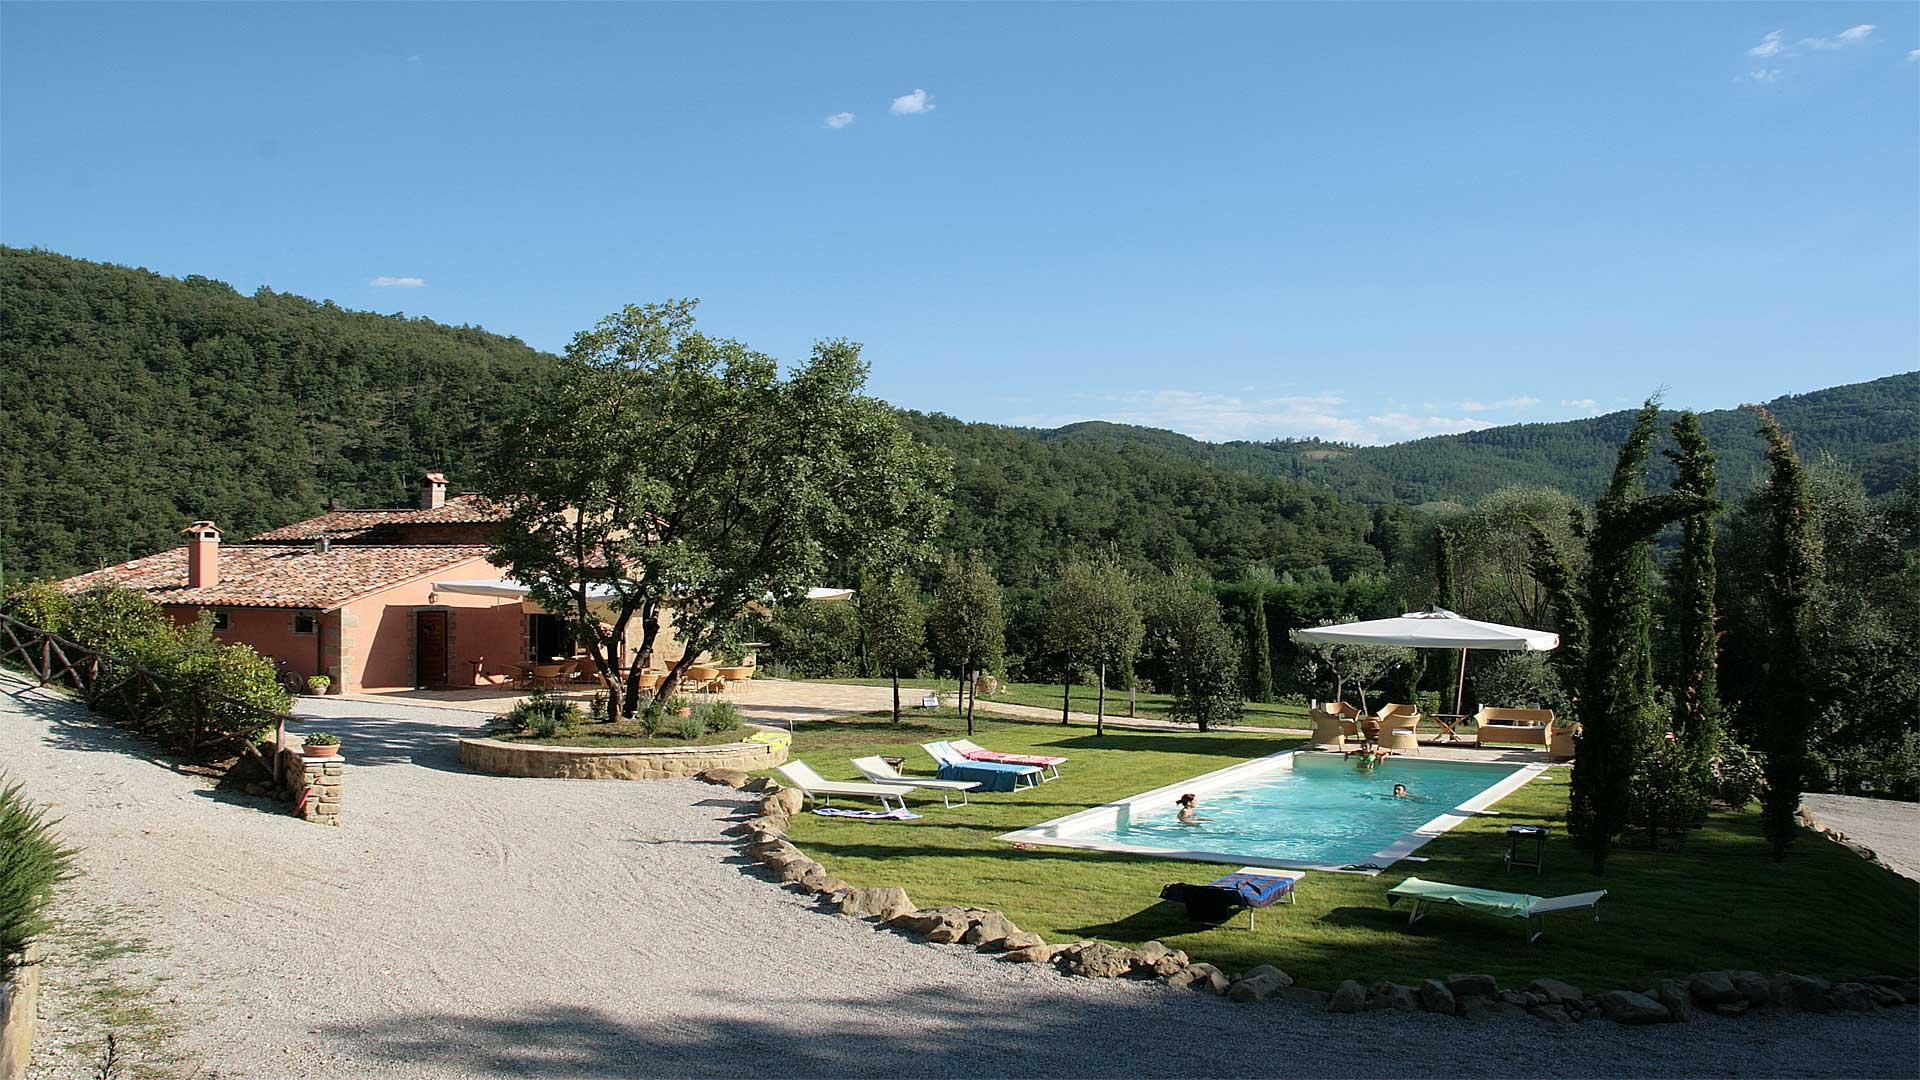 Casale Belforte vista con piscina